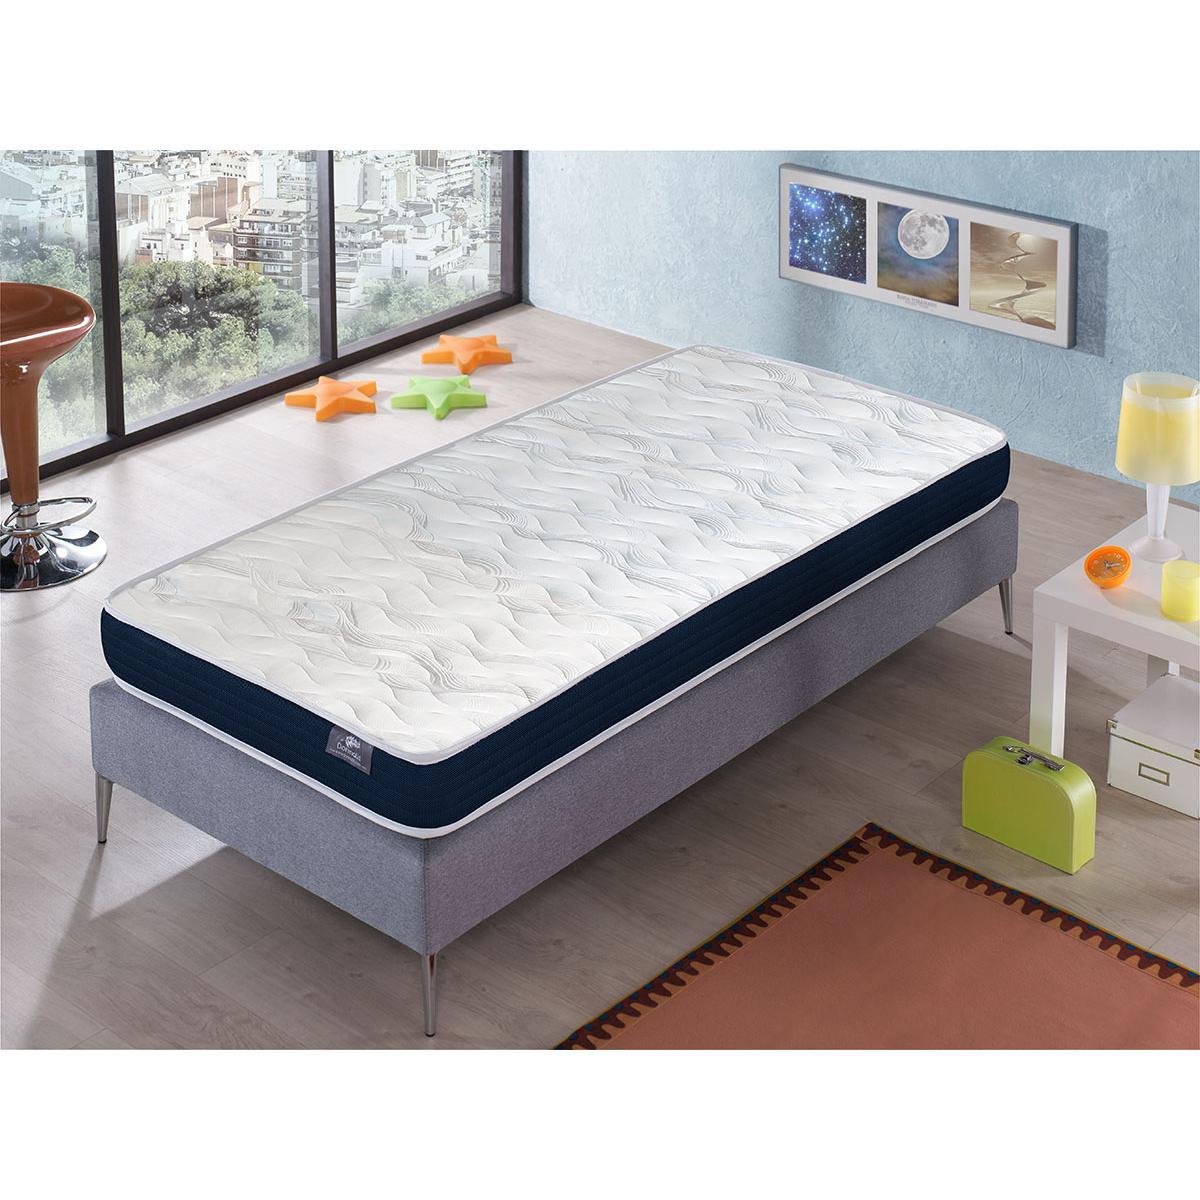 Dormalit Matelas 150X180 ERGO CONFORT Épaisseur 14 CM ? Rembourrage super soft - Juvénil - idéal pour les lits gigognes